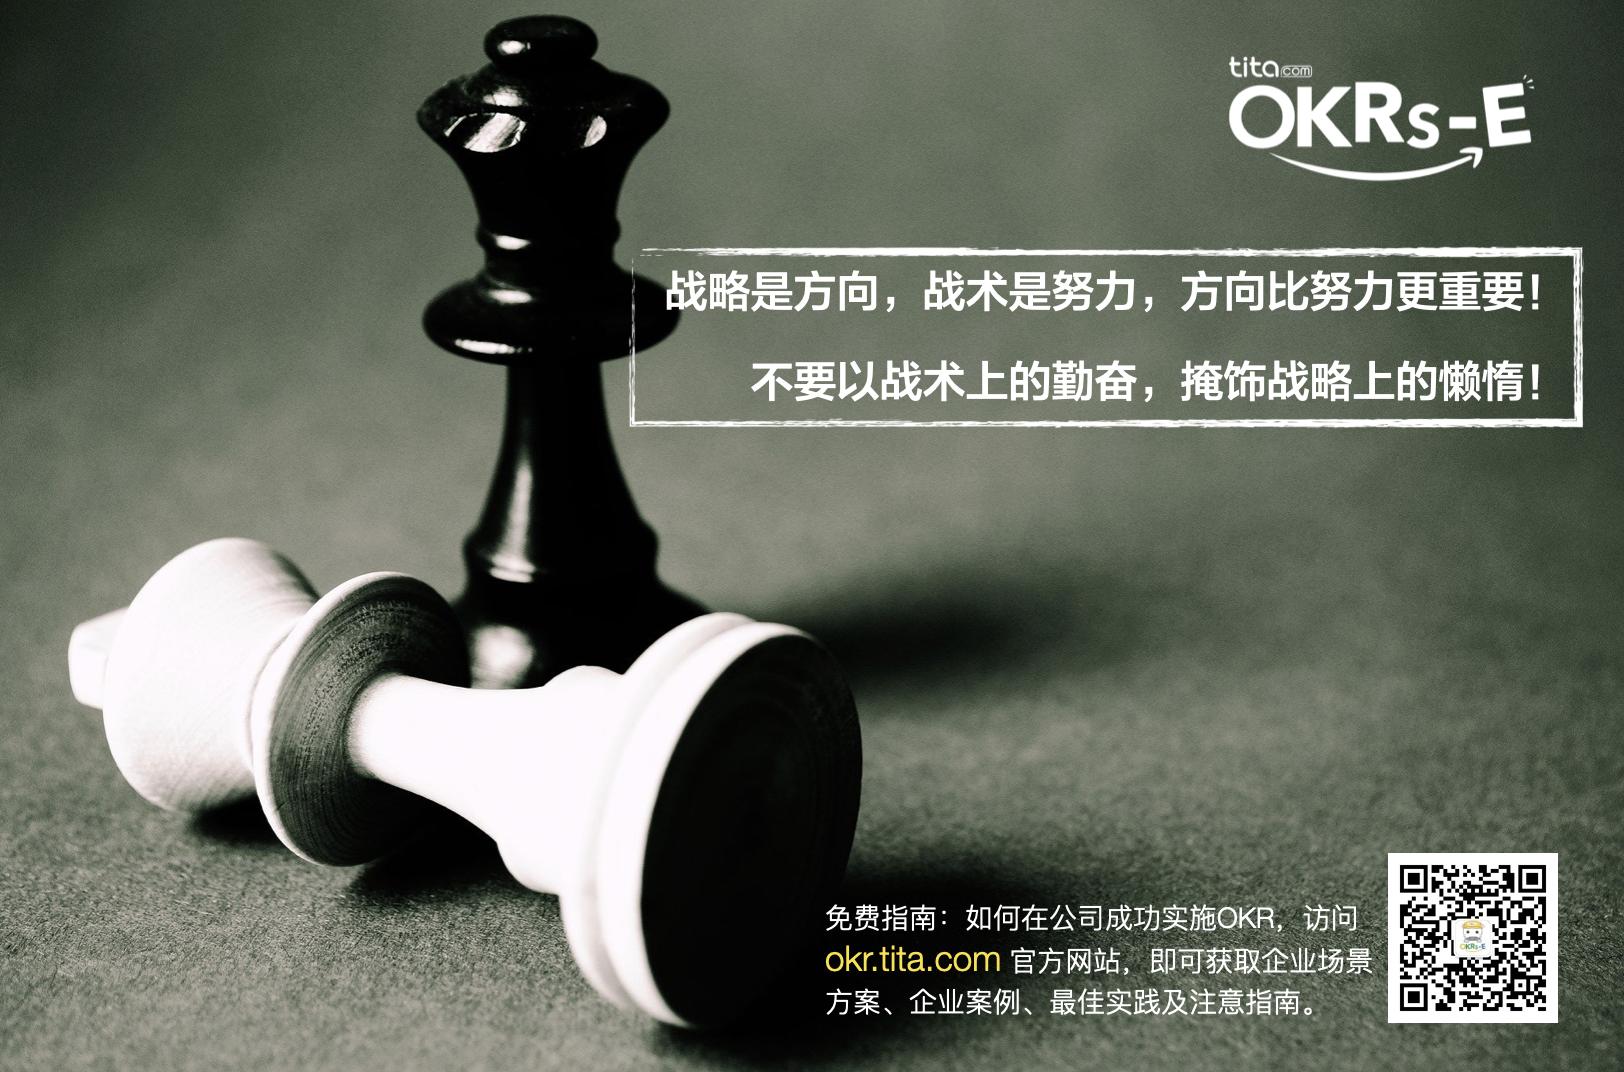 企业都在用OKR,它到底好在哪?